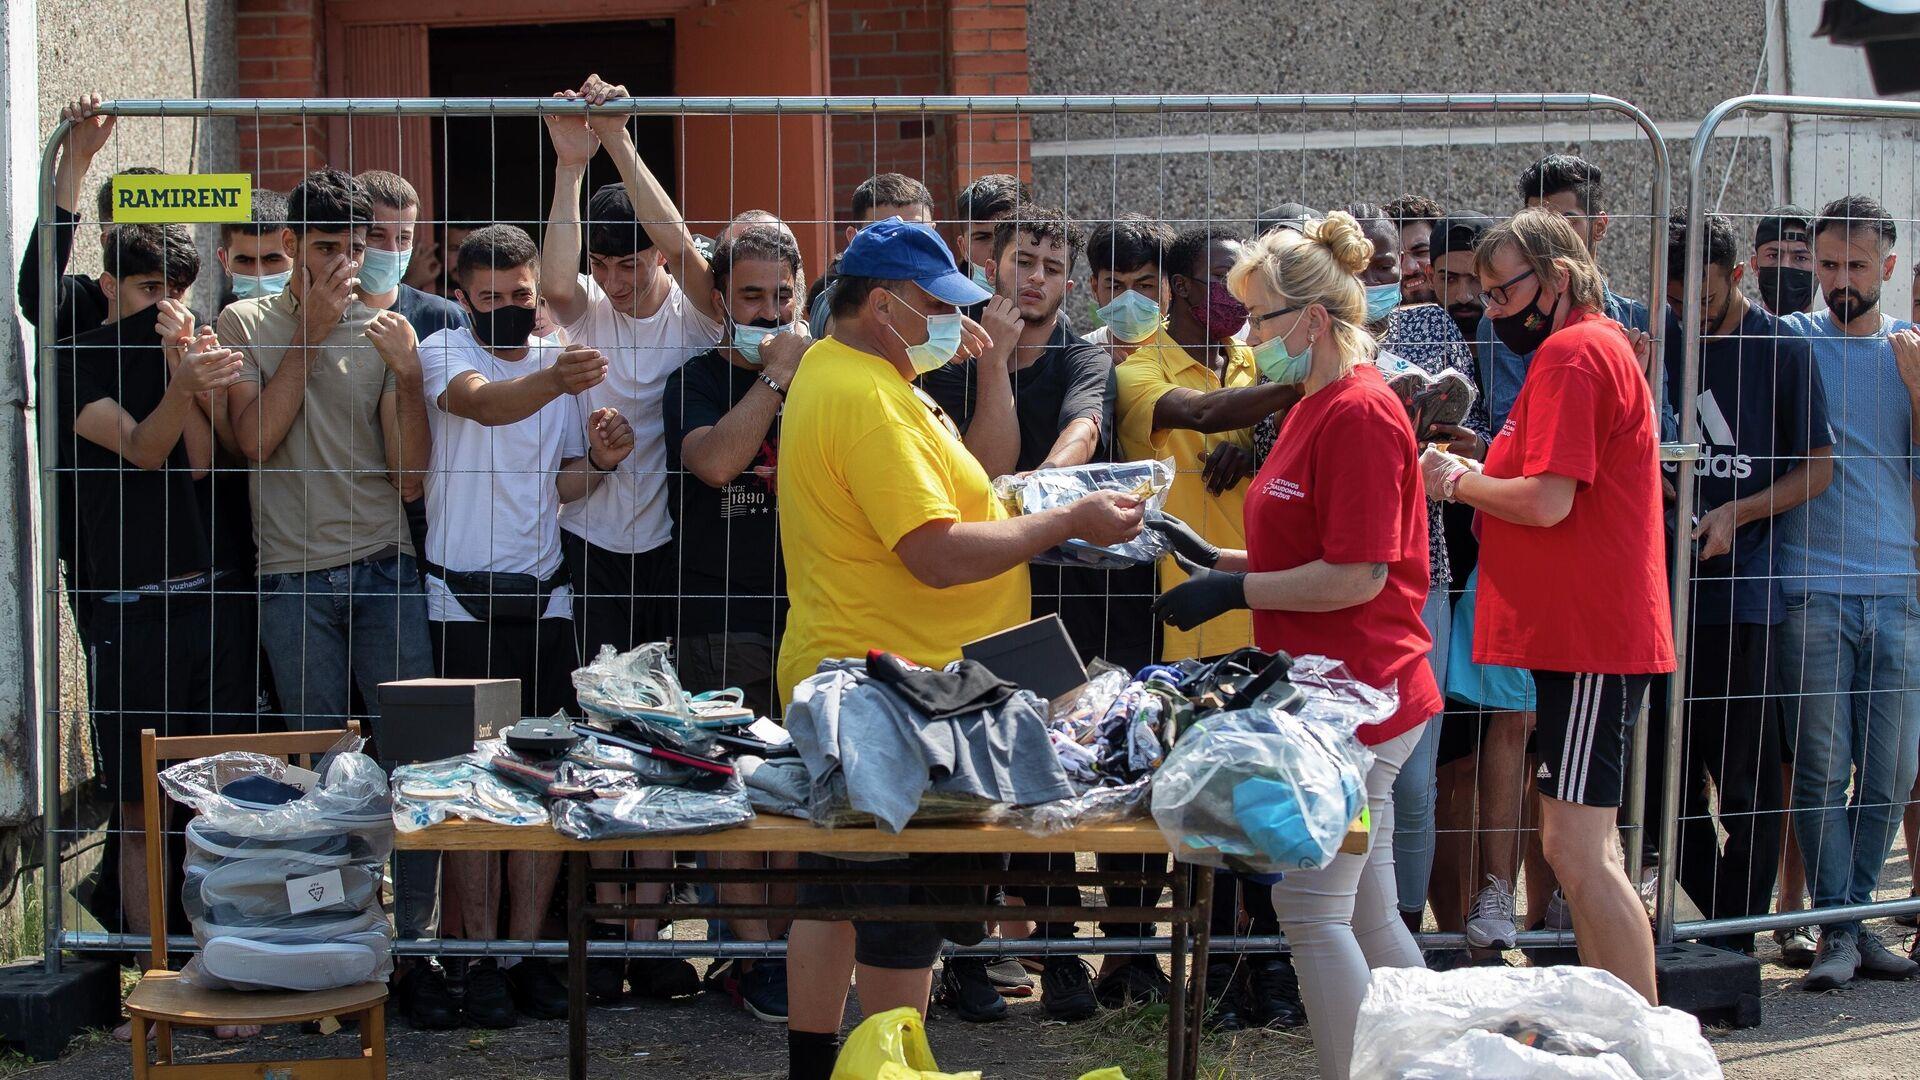 Литовцы продают вещи мигрантам в лагере беженцев в селе Веребежай в Литве - РИА Новости, 1920, 03.08.2021